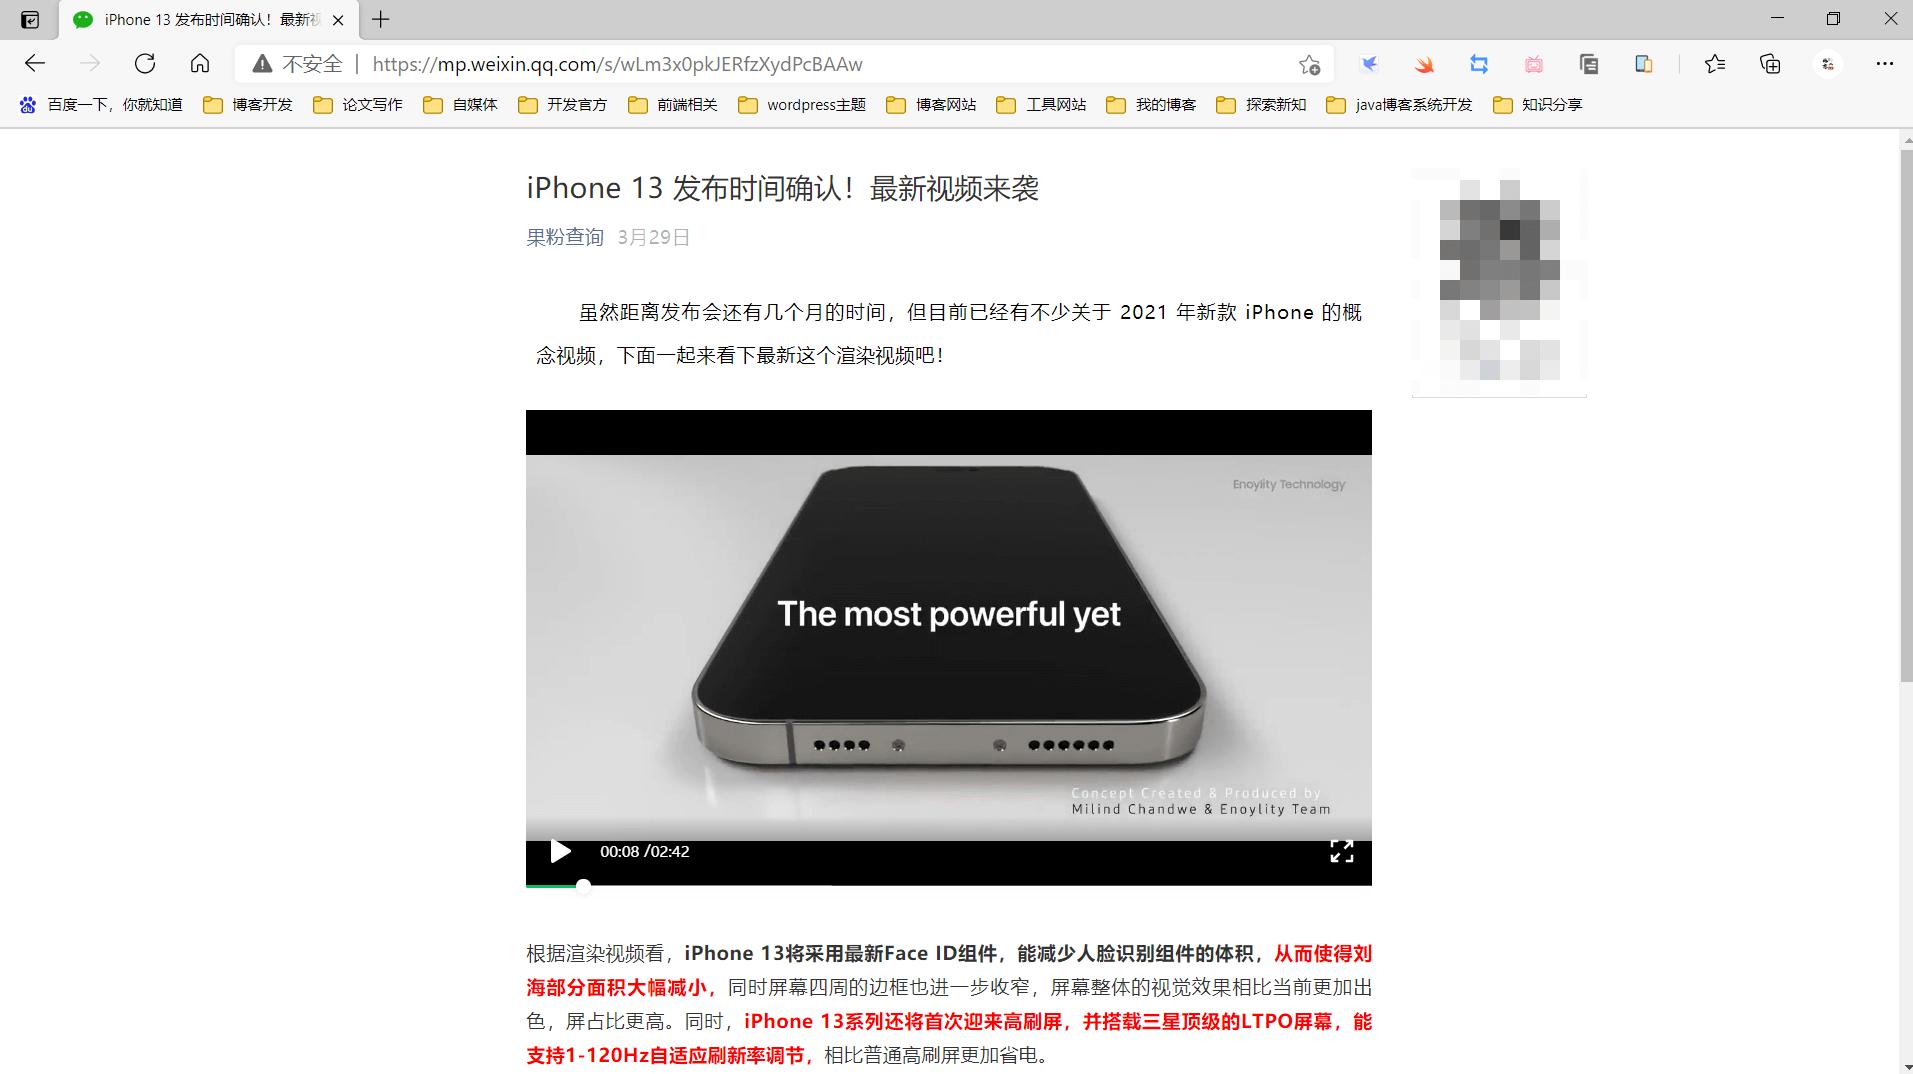 微信公众号文章视频下载的几种办法-涵盖PC端手机端-2